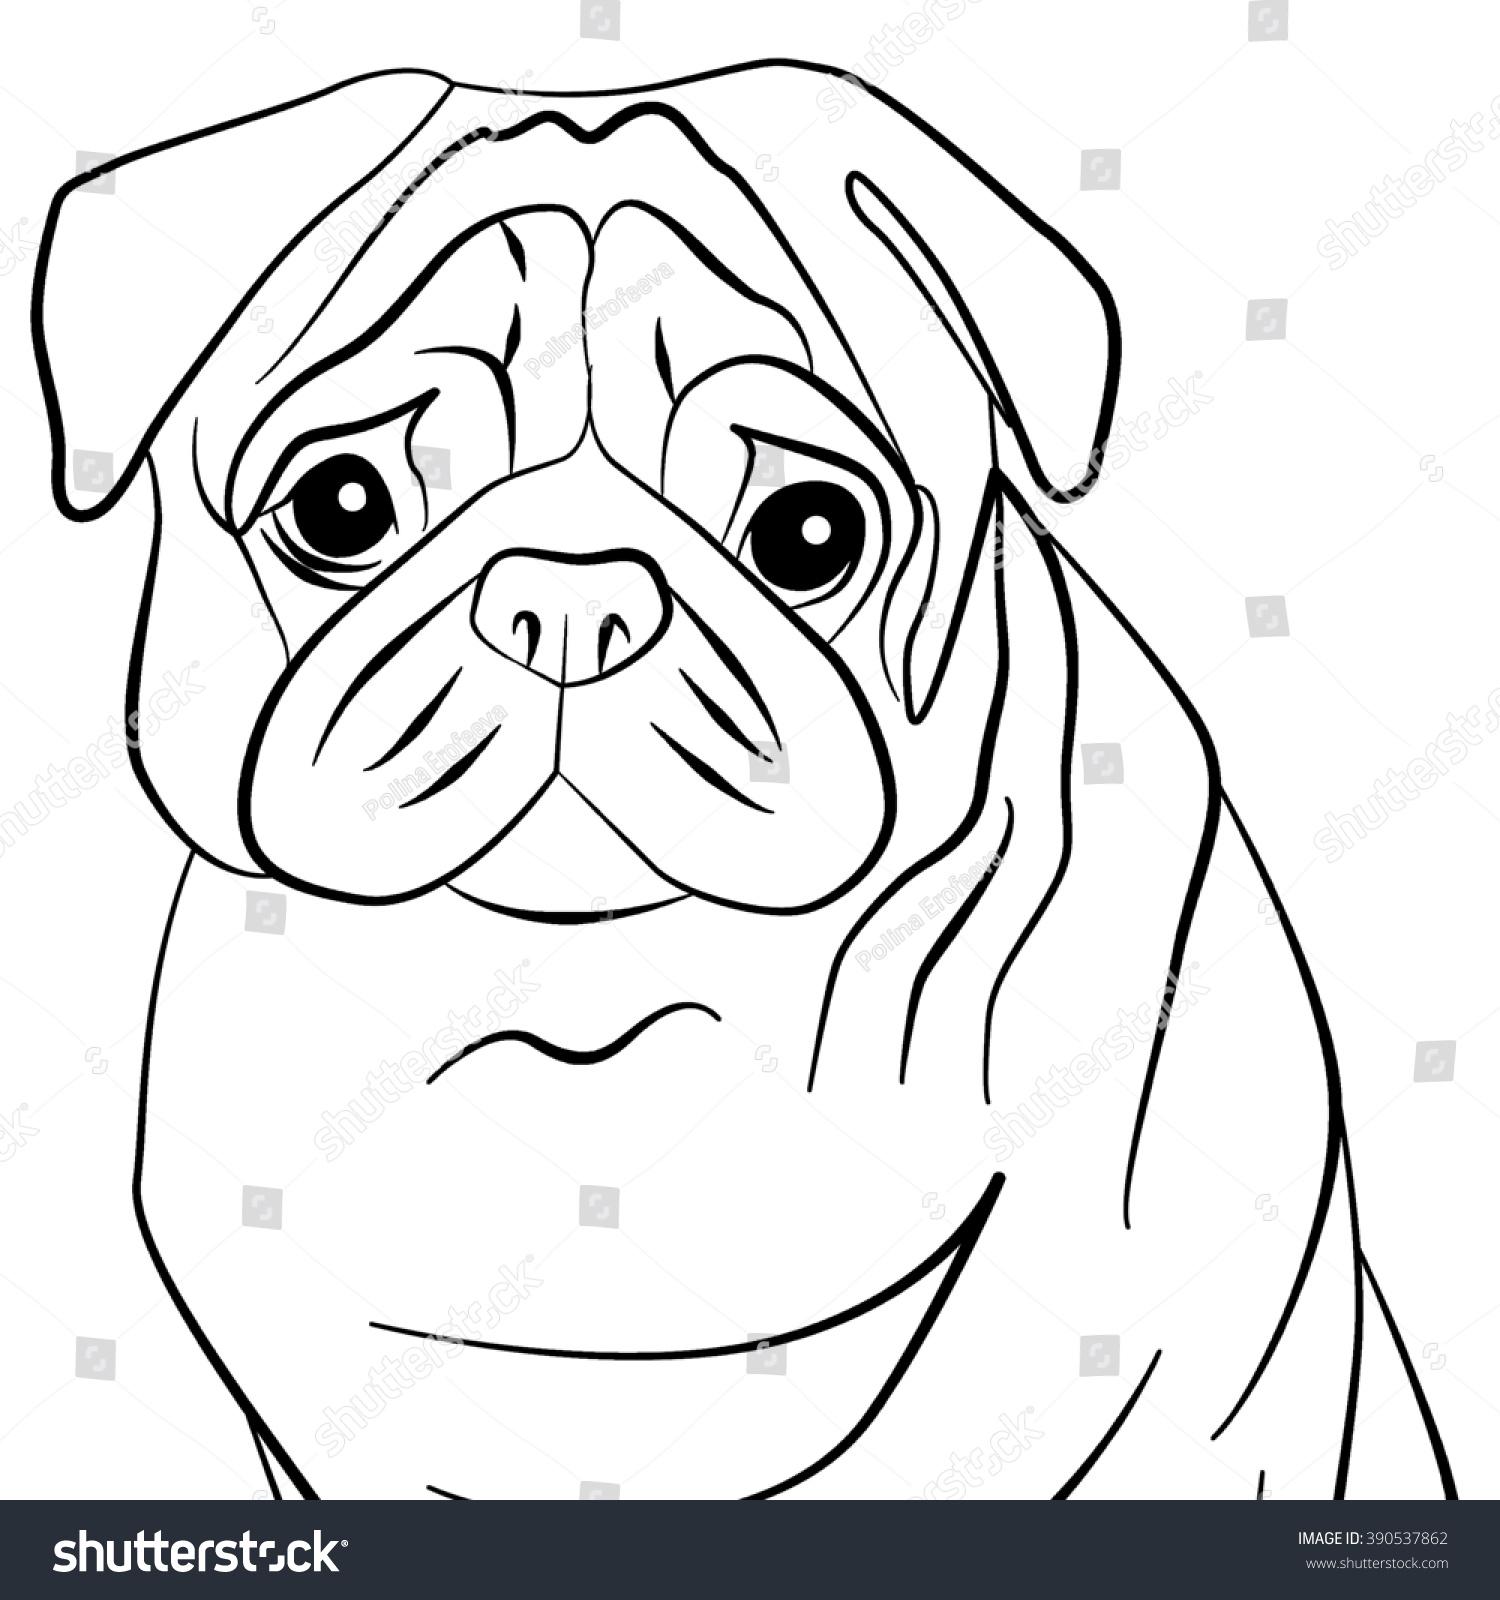 stylized dog pug black contours against stock illustration